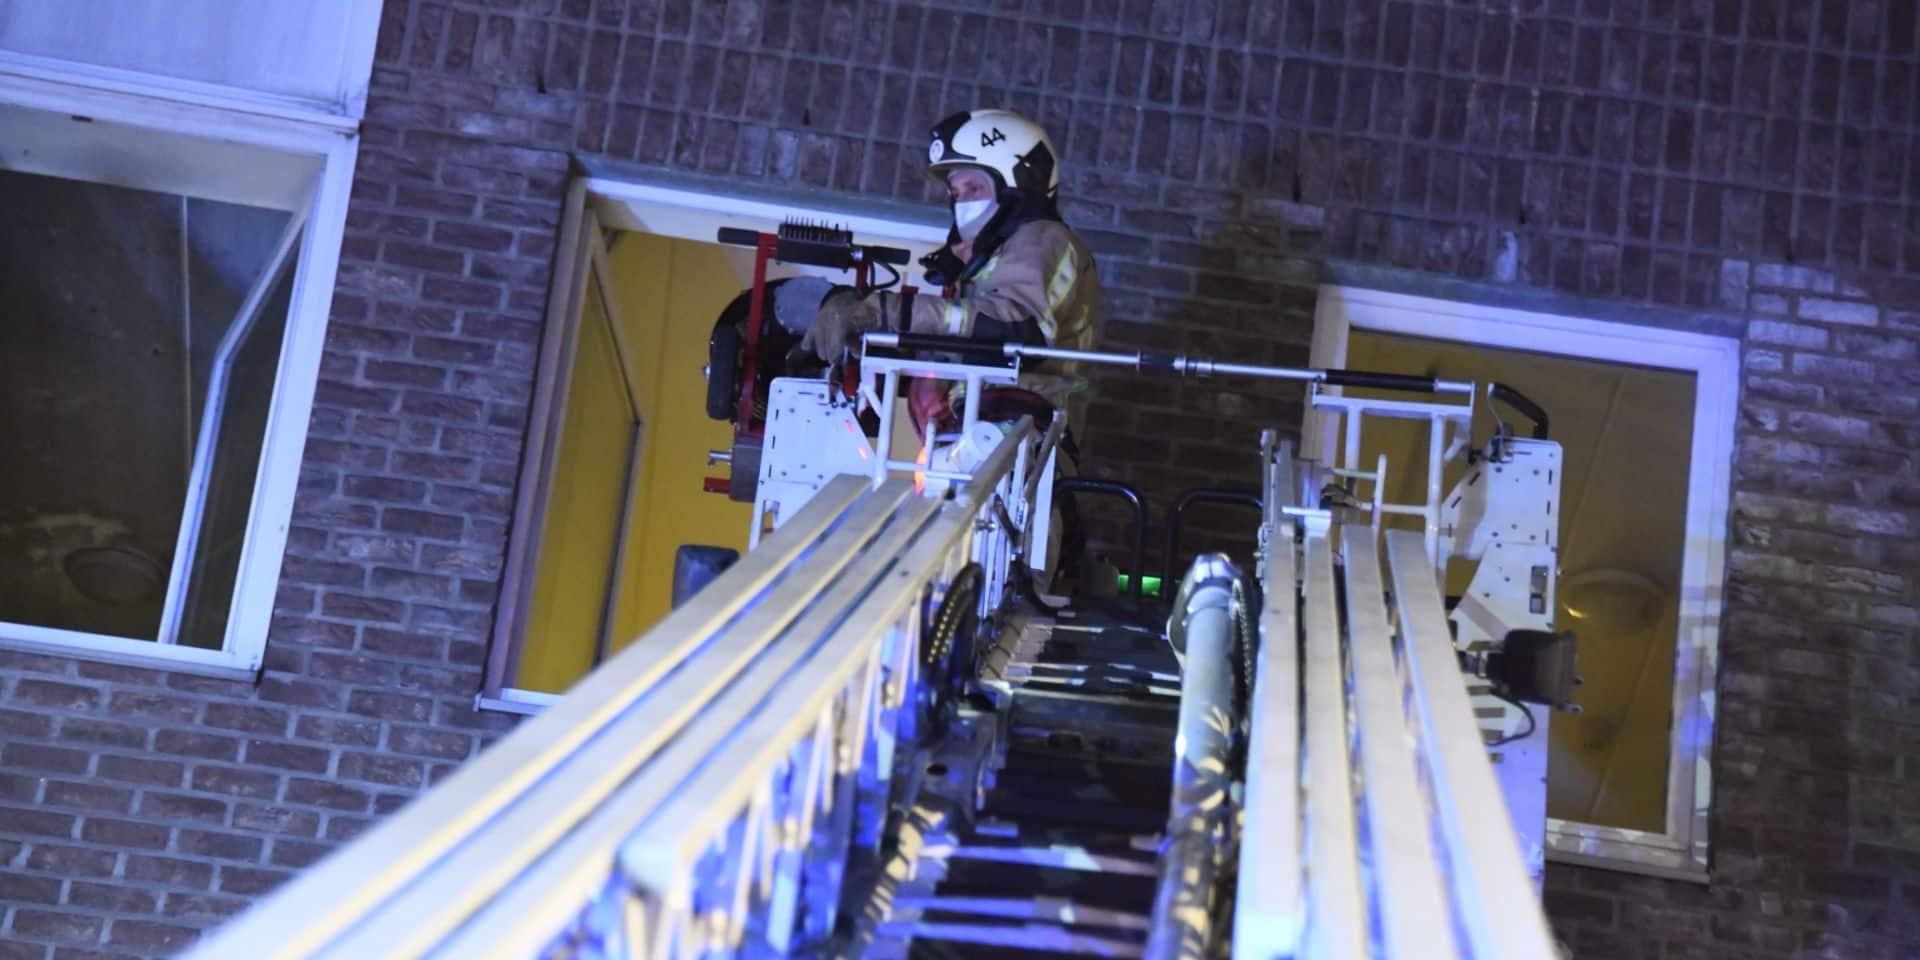 Incendie dans une maison de retraite à Anderlecht, dix résidents hospitalisés